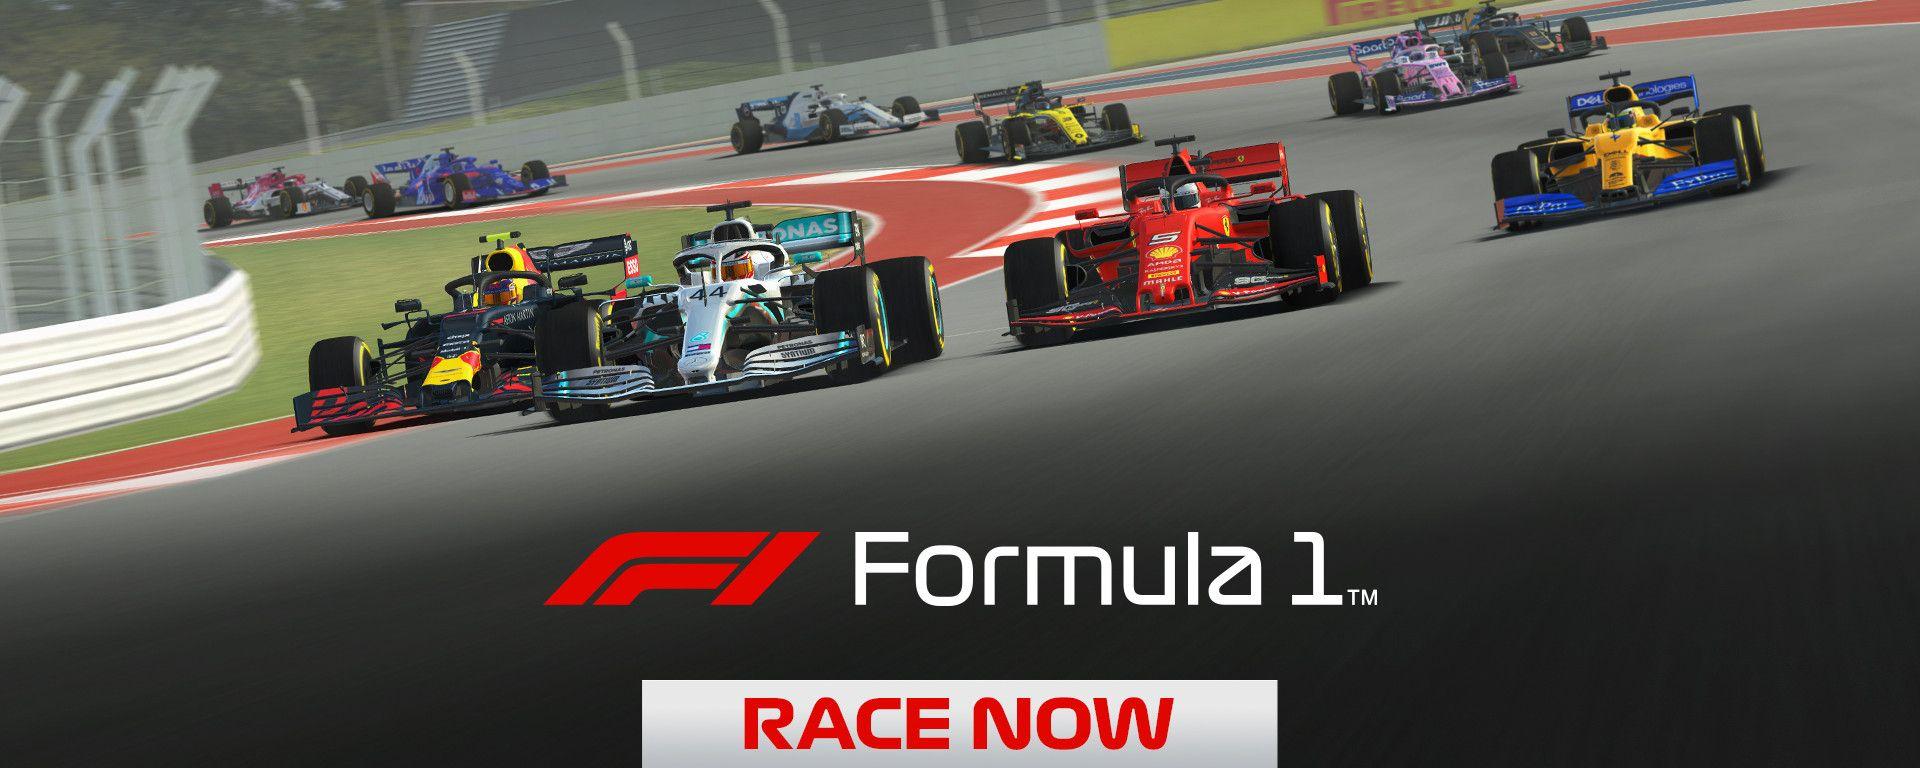 La F1 sbarca su Real Racing 3: a 300 all'ora con lo smartphone